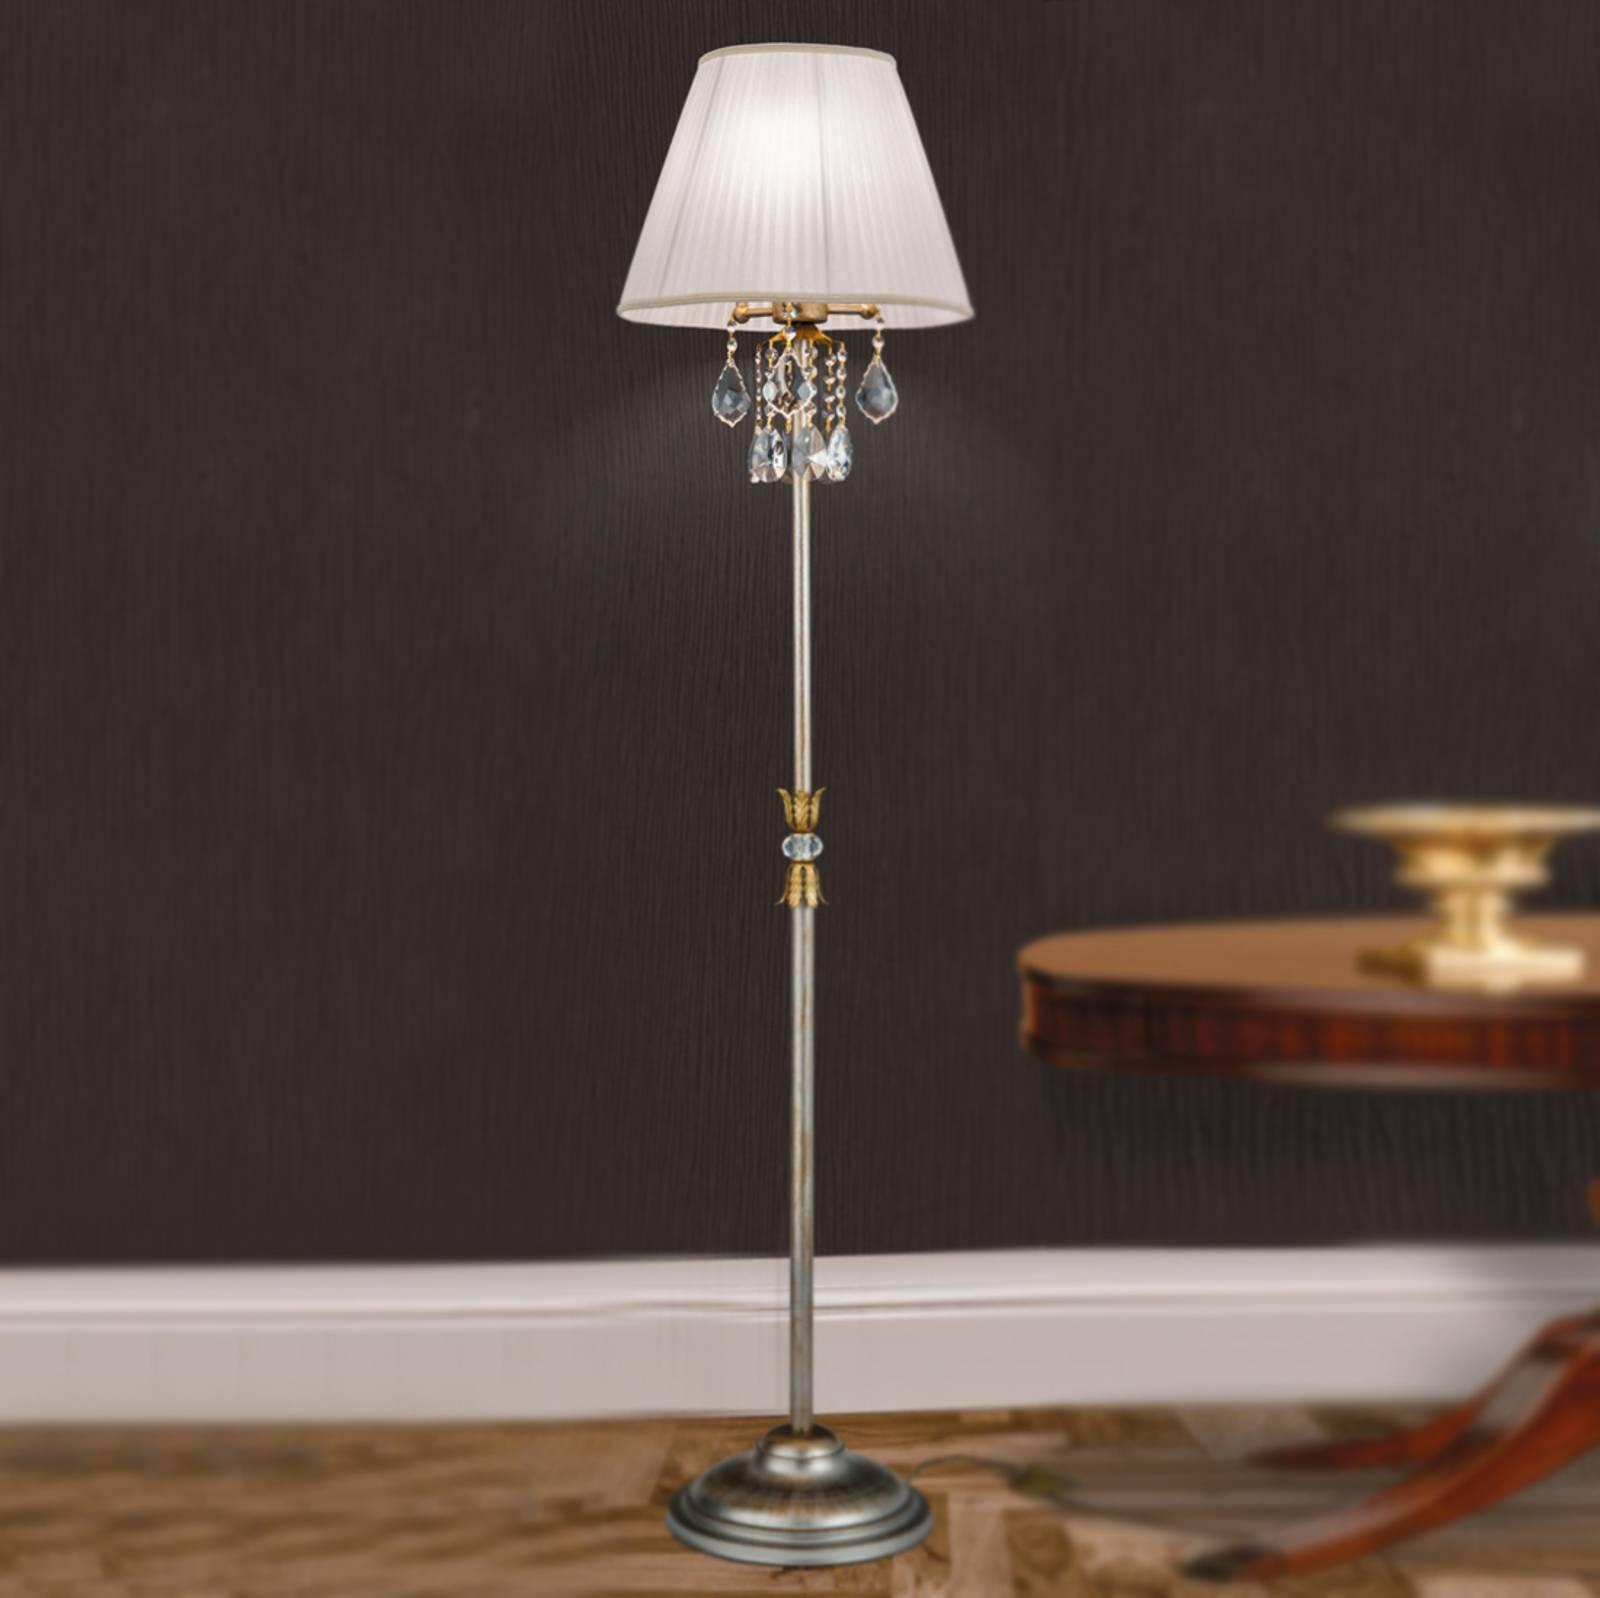 stehlampe exklusiv holzlampe birke maser raum with stehlampe exklusiv free stehlampe aus. Black Bedroom Furniture Sets. Home Design Ideas